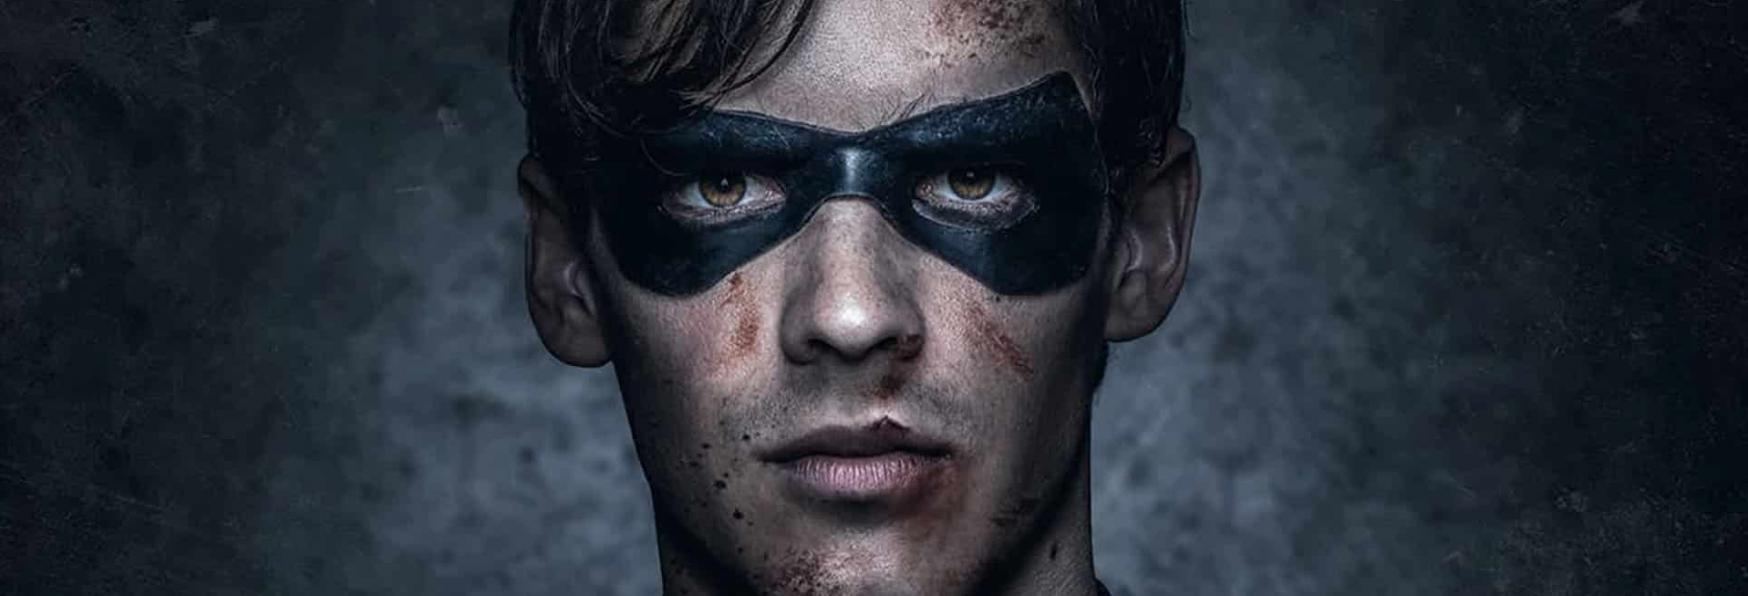 Titans: rilasciato il Full Trailer della Seconda Stagione della Serie DC Universe